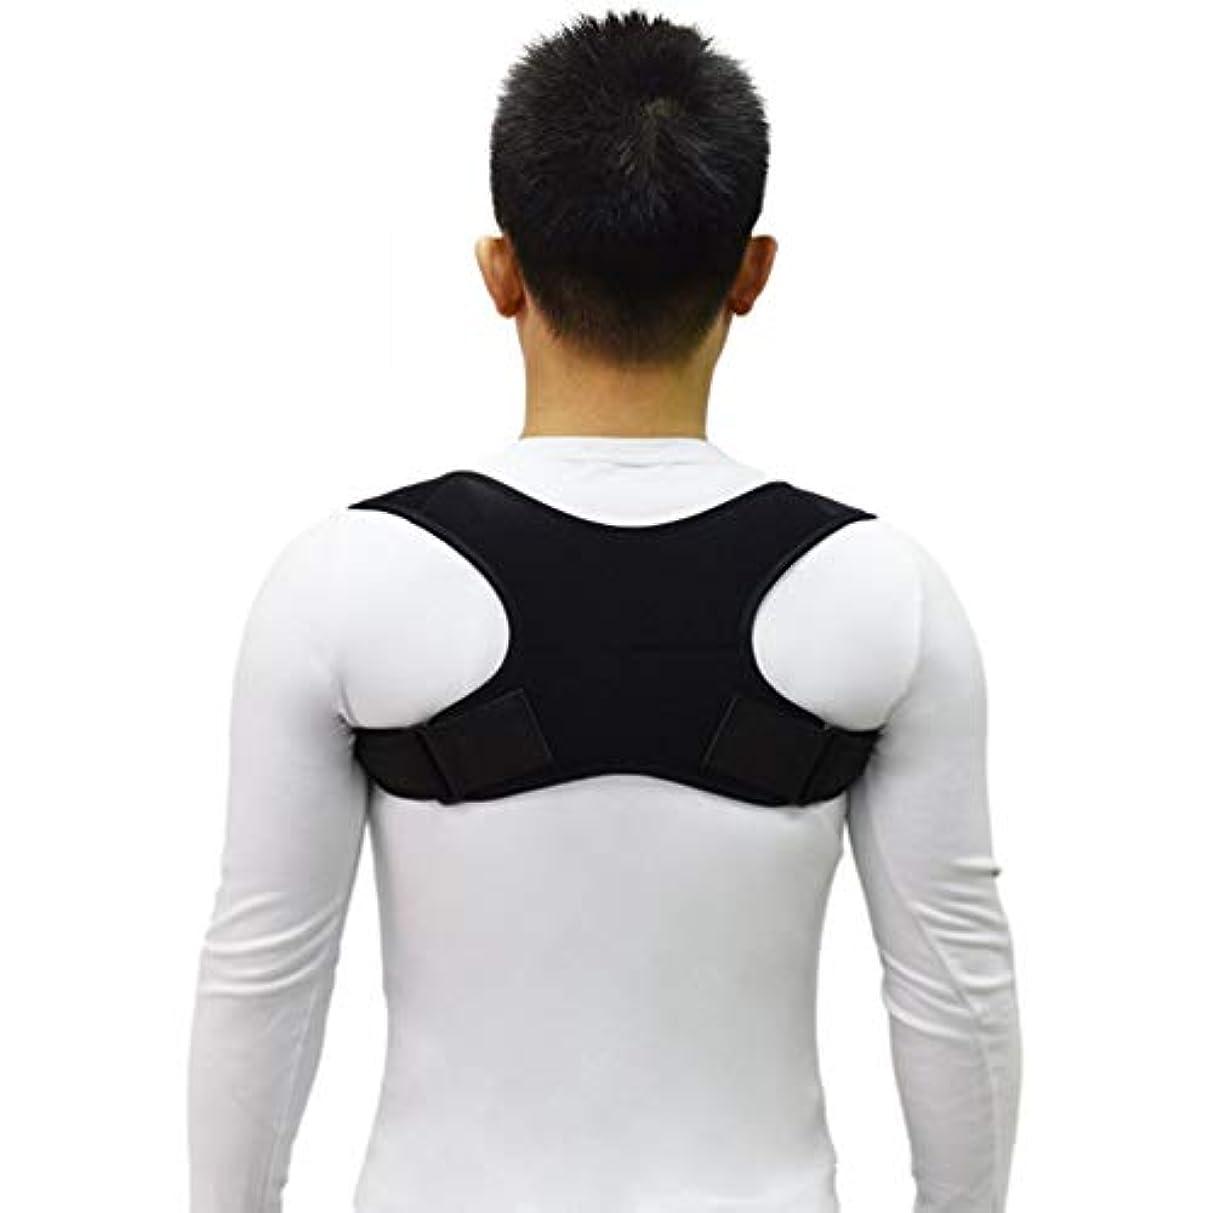 お香防止完全に乾く新しいアッパーバックポスチャーコレクター姿勢鎖骨サポートコレクターバックストレートショルダーブレースストラップコレクター - ブラック